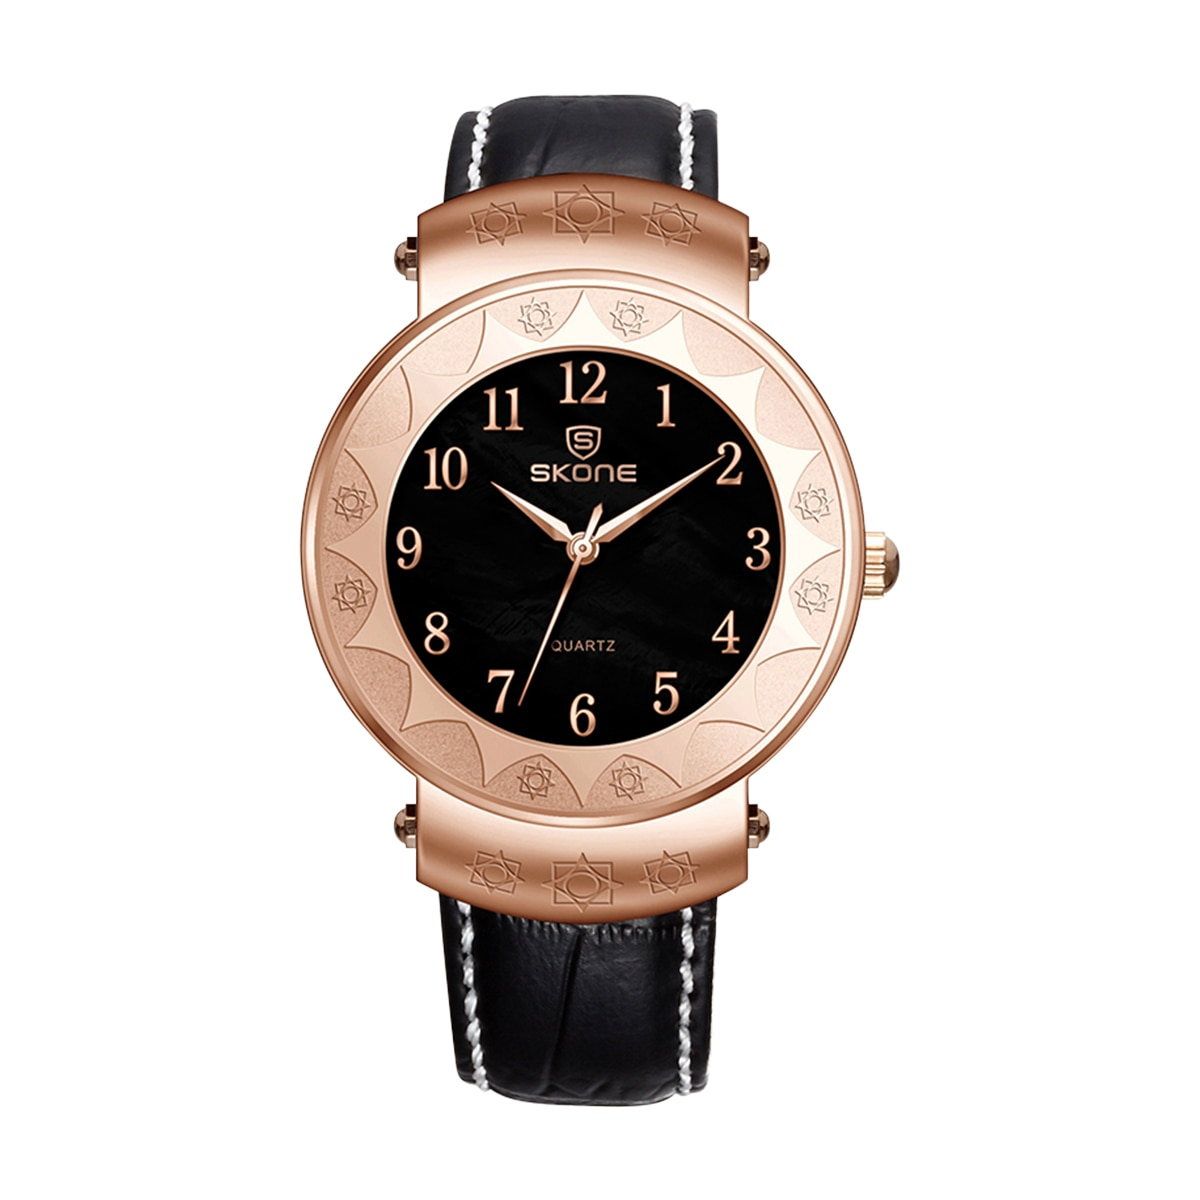 ¡Novedad de 2020! reloj informal de lujo de moda topbrand de rosegold, reloj de cuarzo multifunción resistente al agua para hombre